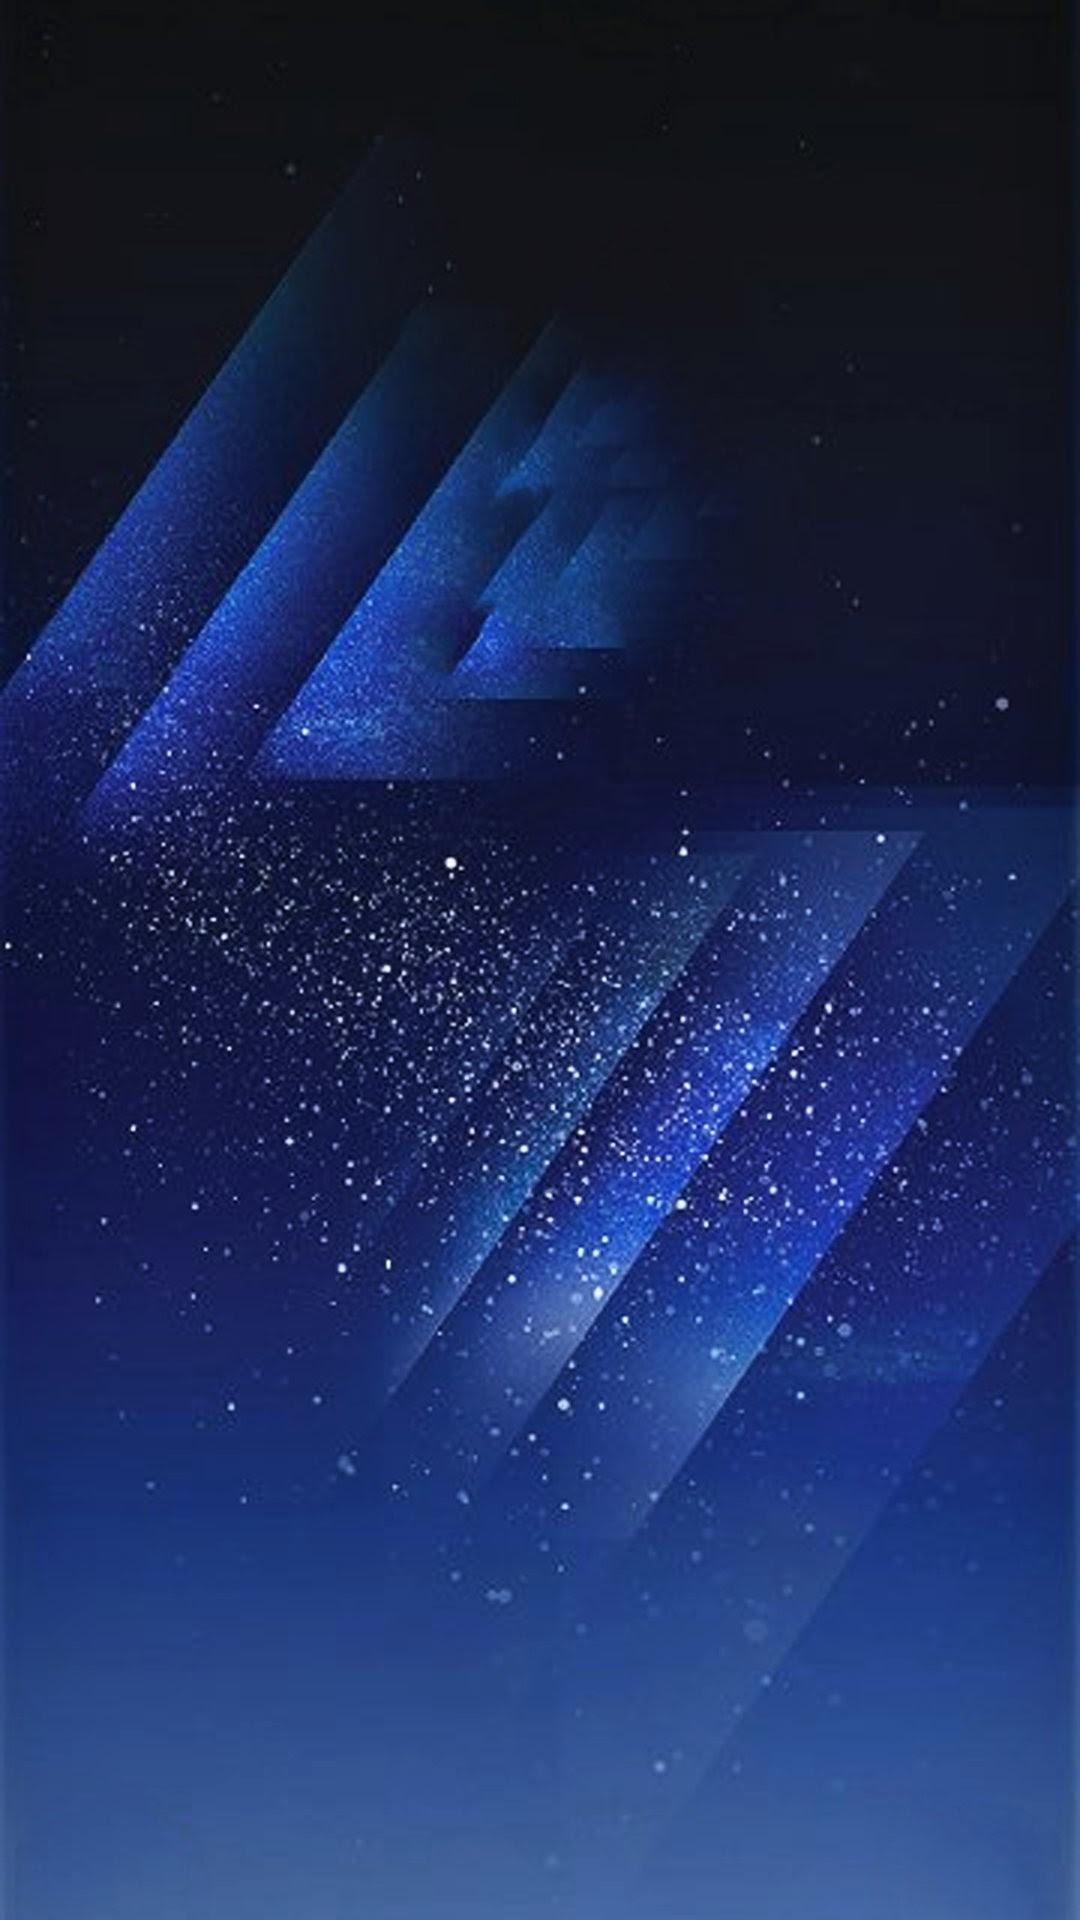 4700 Koleksi Wallpaper Hp Samsung S8 Terbaru Gratis Terbaru